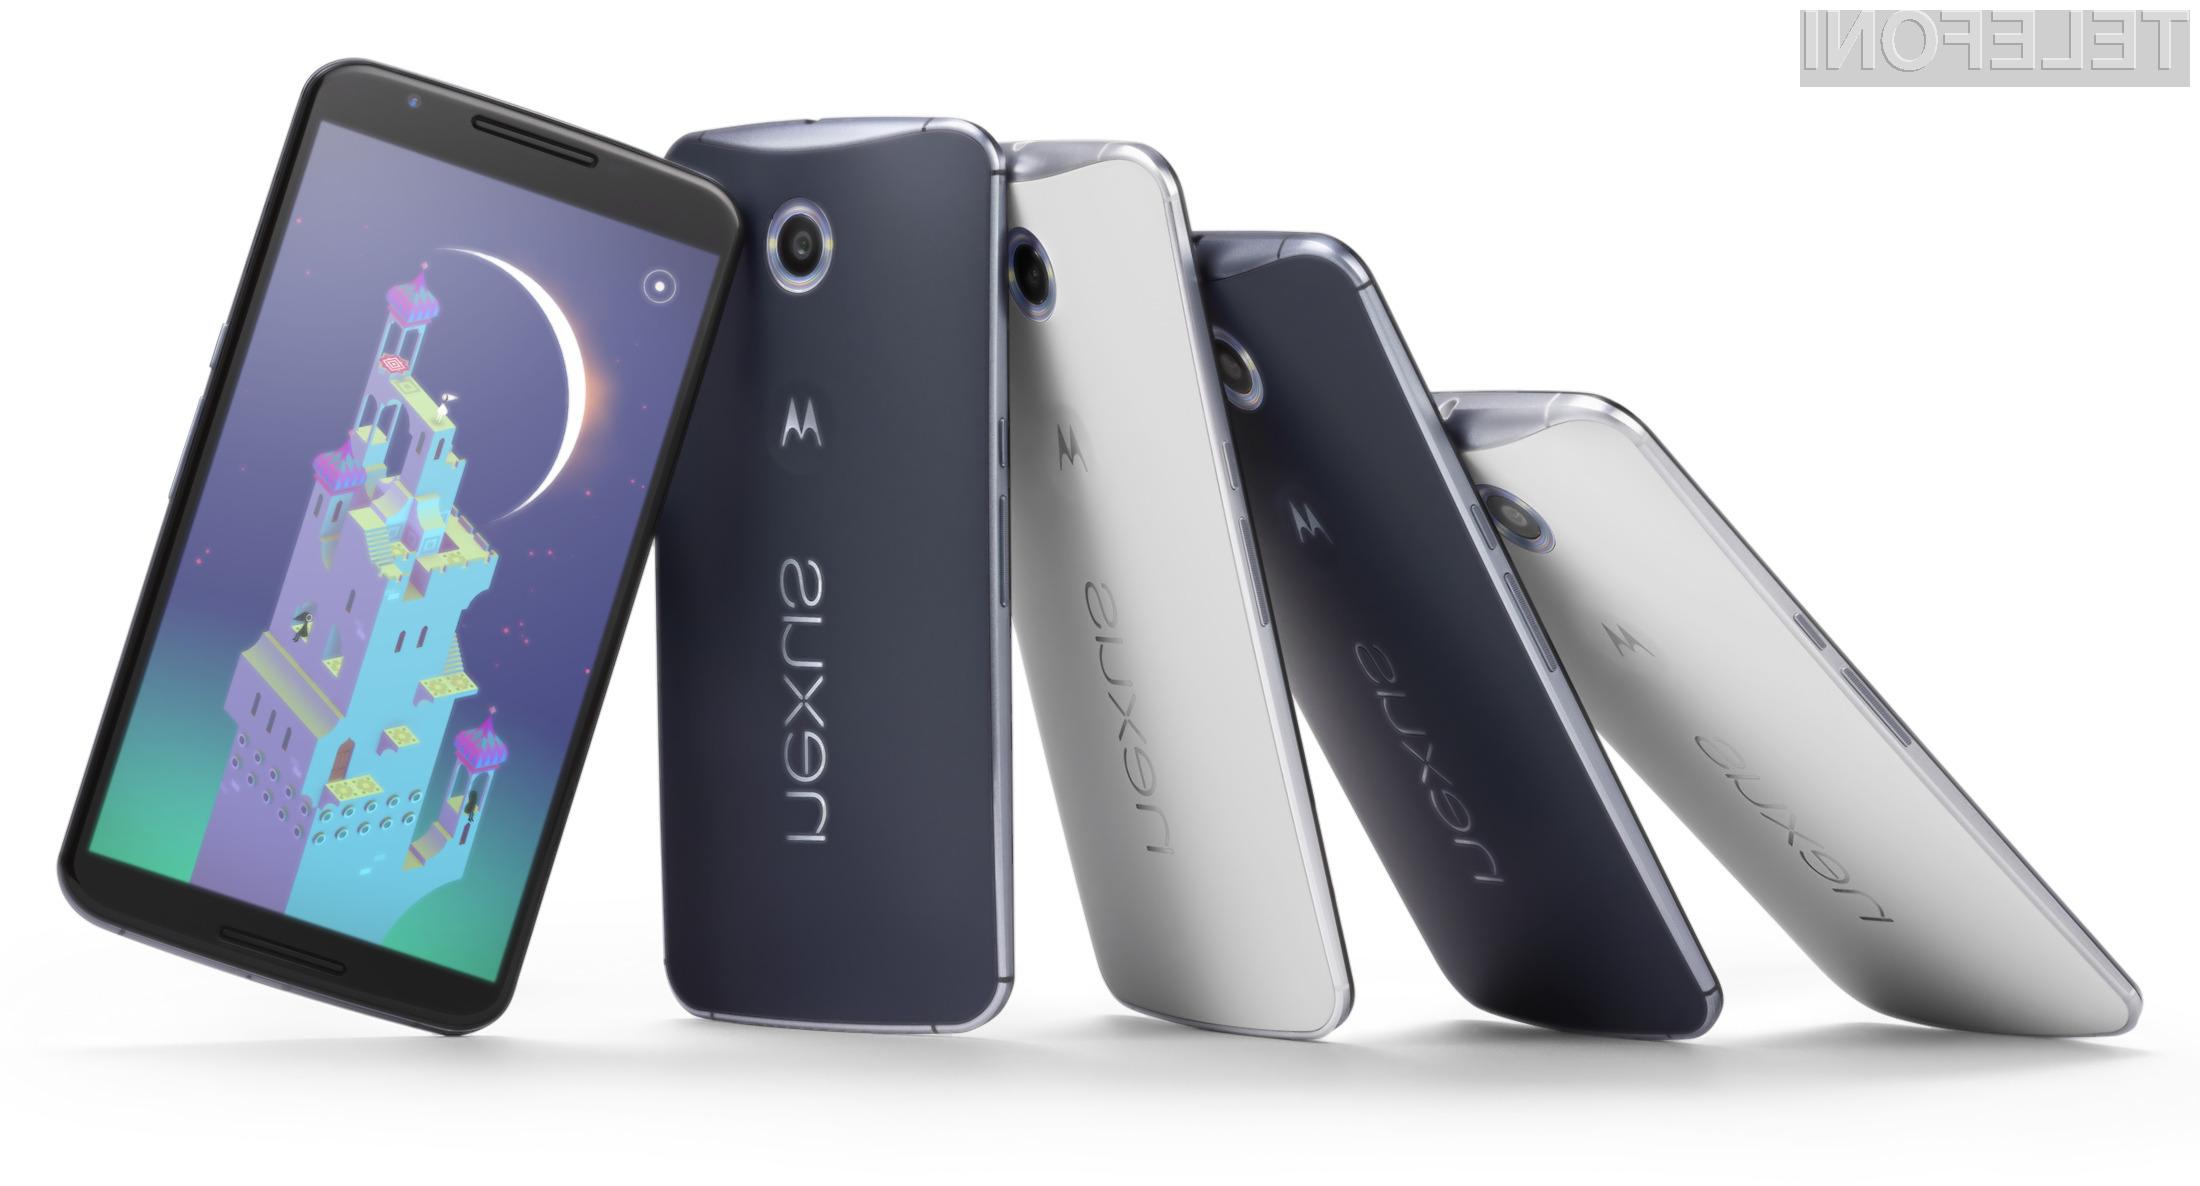 Bralnik prstih odtisov TouchID je dejansko tudi plod znanja inženirjev podjetja Motorola.